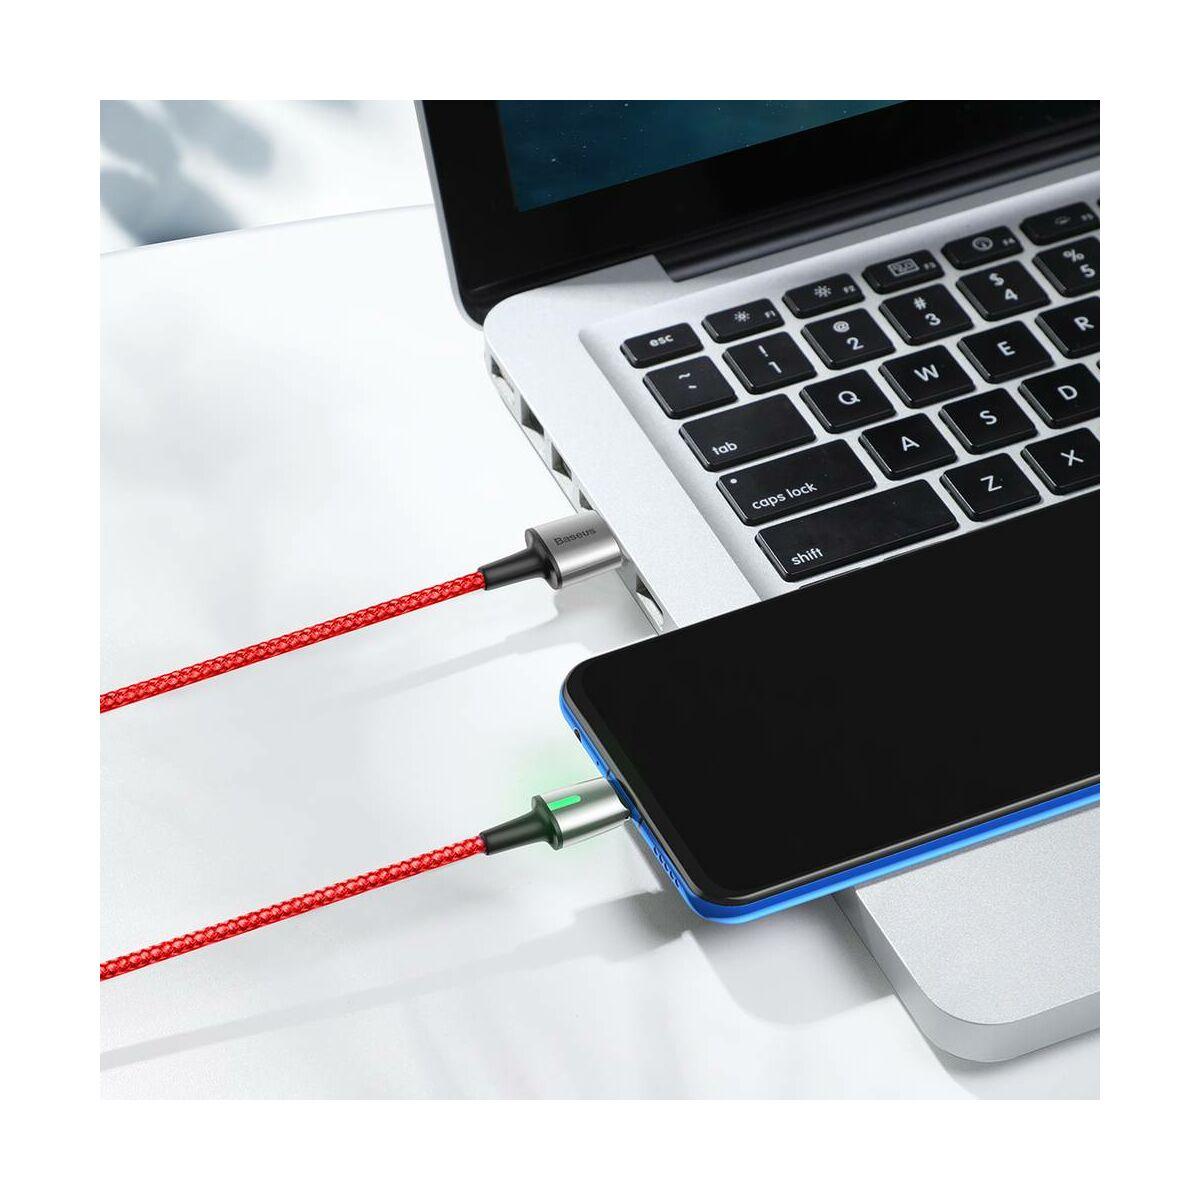 Baseus Mágneses kábel, Micro USB, Mágnessel csatlakozó töltő kábel, 1.5A 2m, piros (CAMXC-B09)